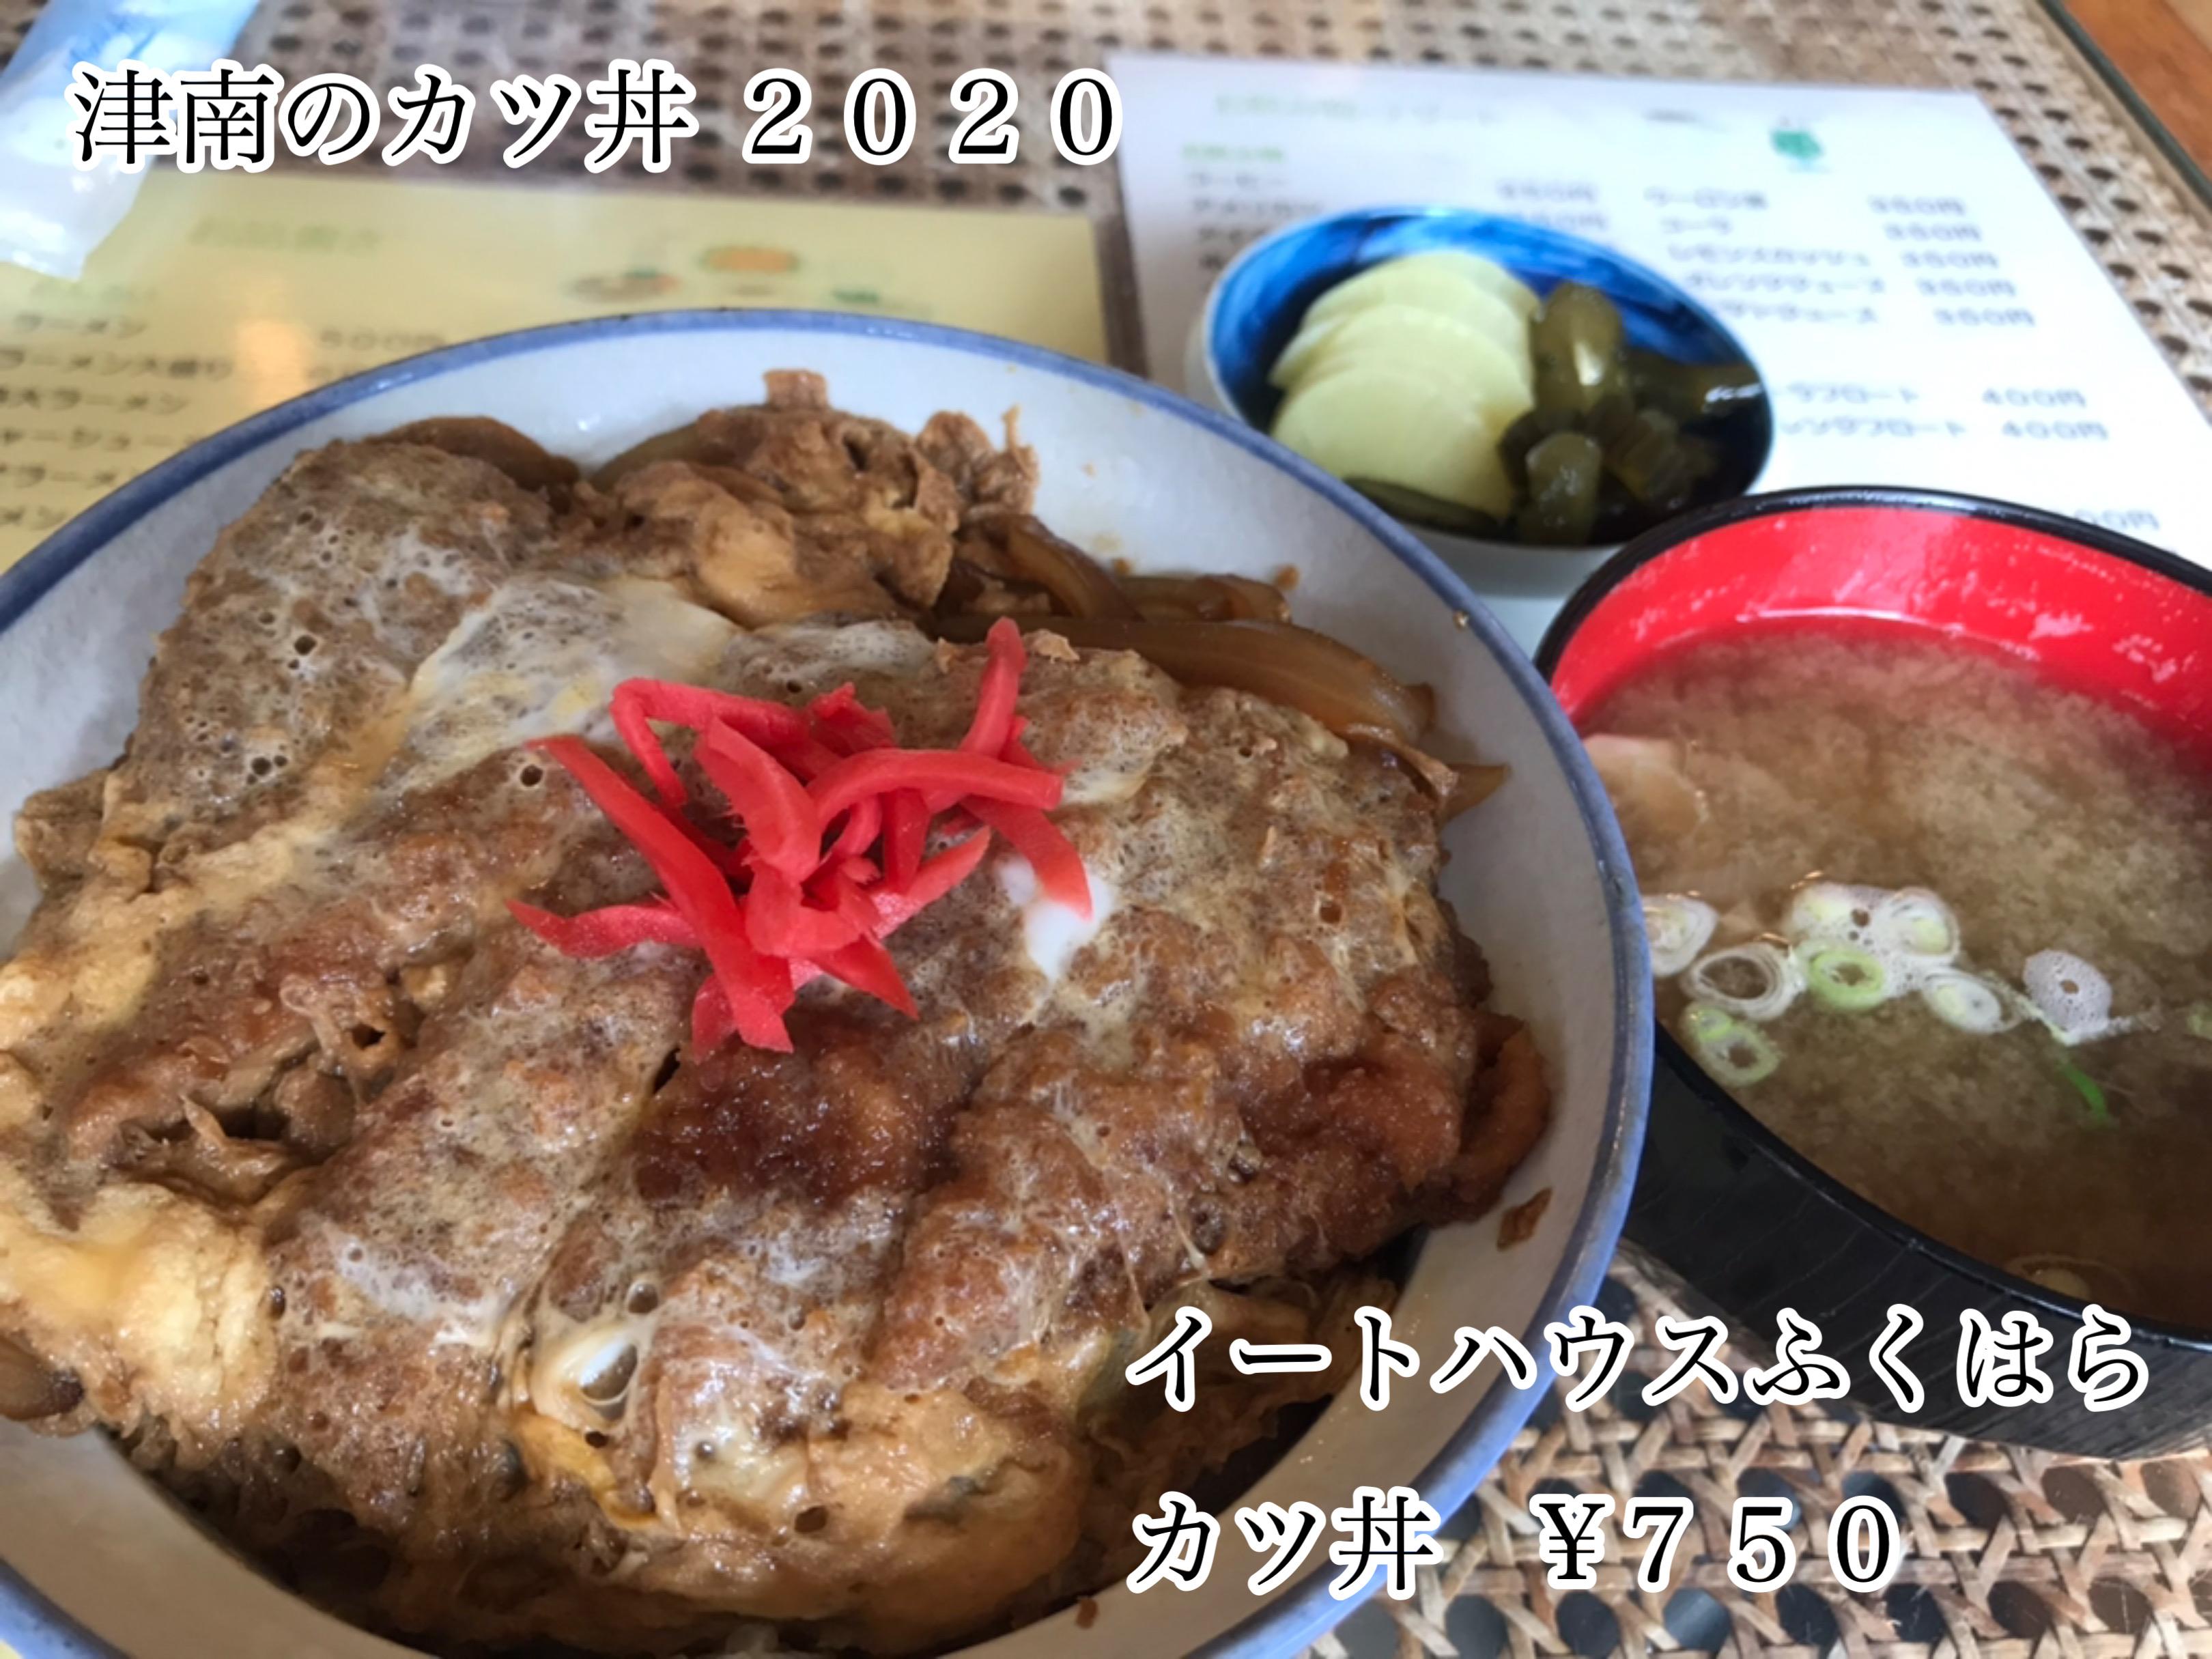 カツ丼 福原食堂